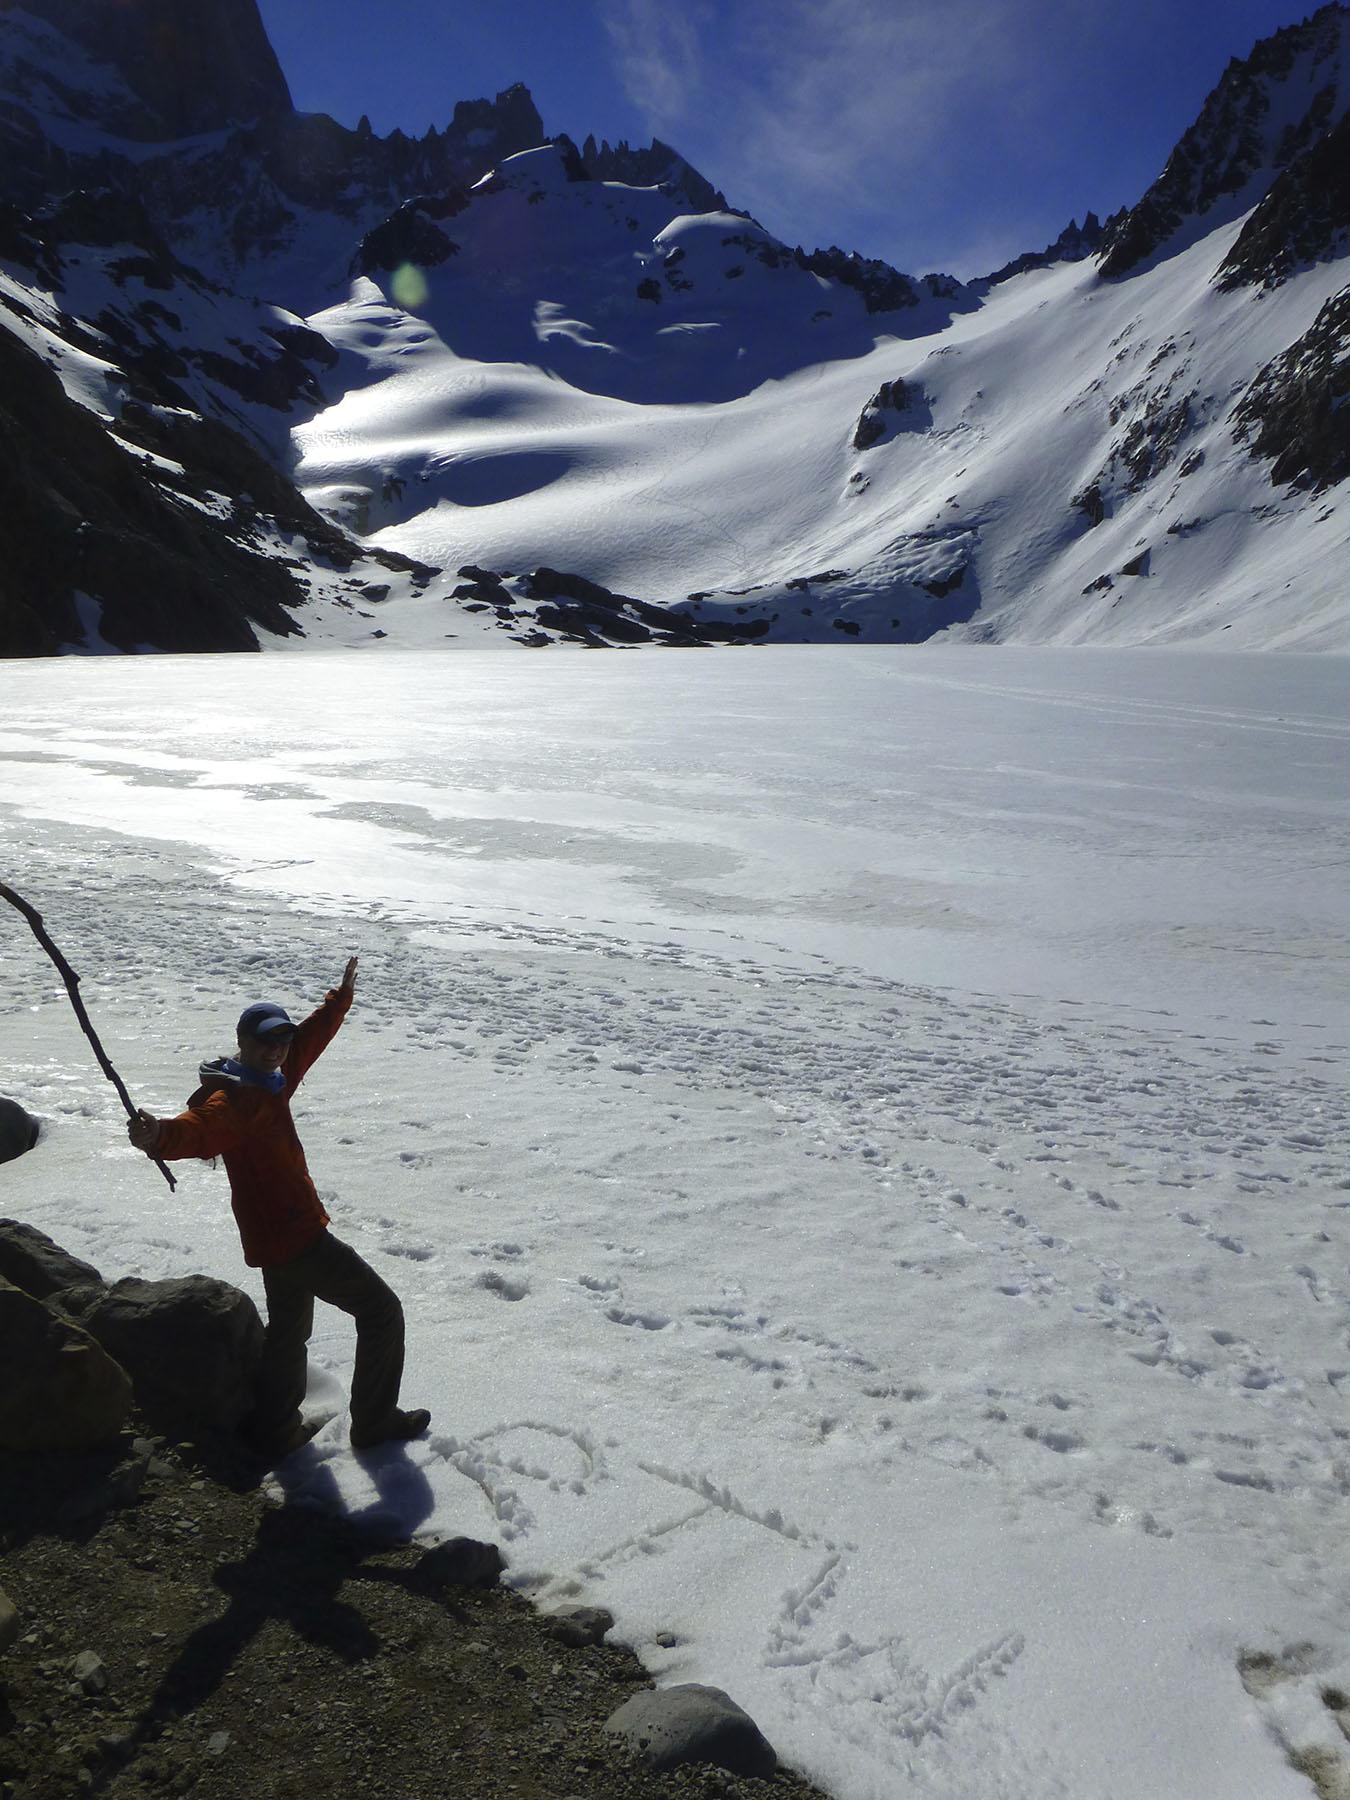 Round The World - On Ice!